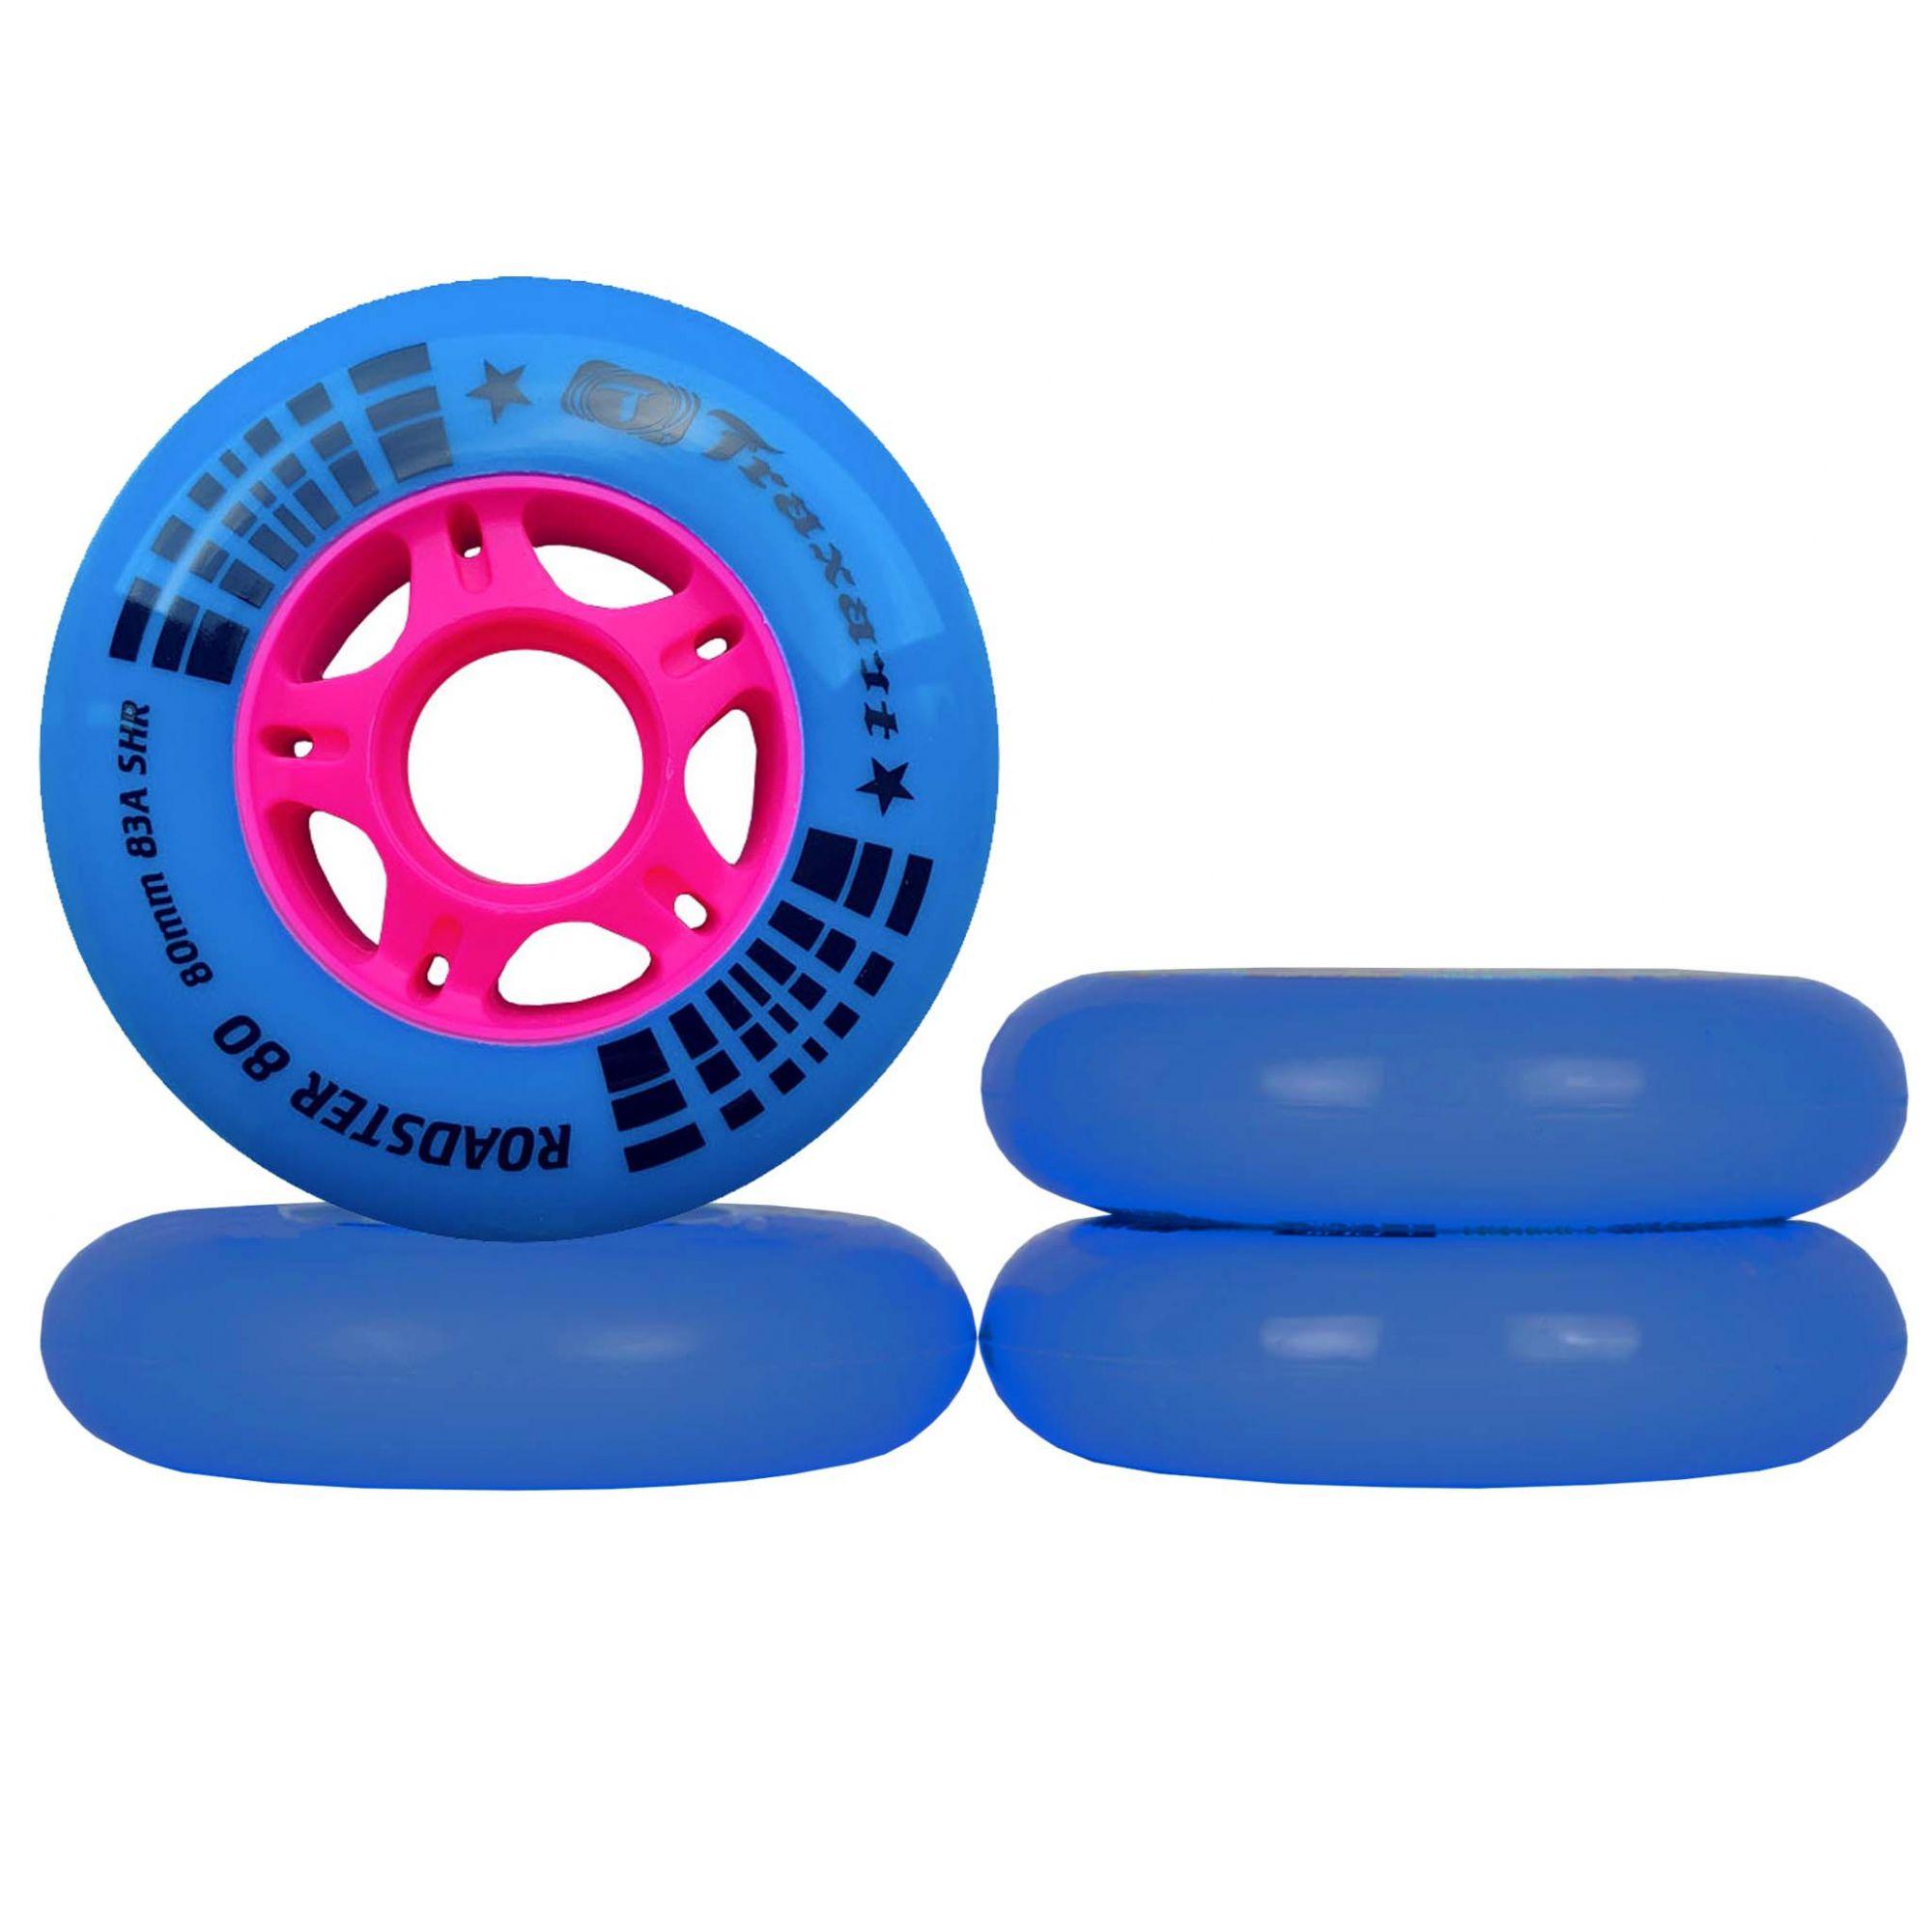 Jogo de Rodas Traxart Fitness Roadster 80 80mm/83A - Azul/Pink